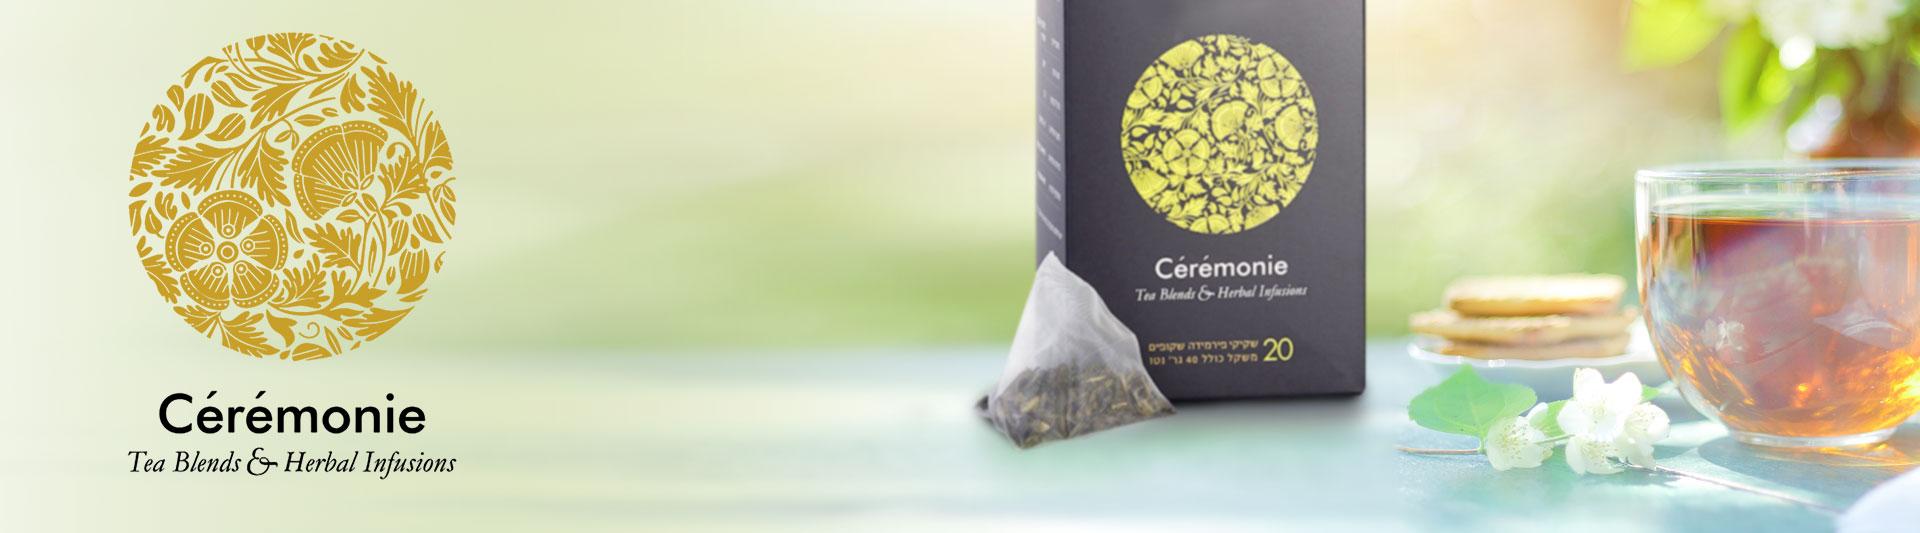 תה סרמוני - תמונת קטגוריה